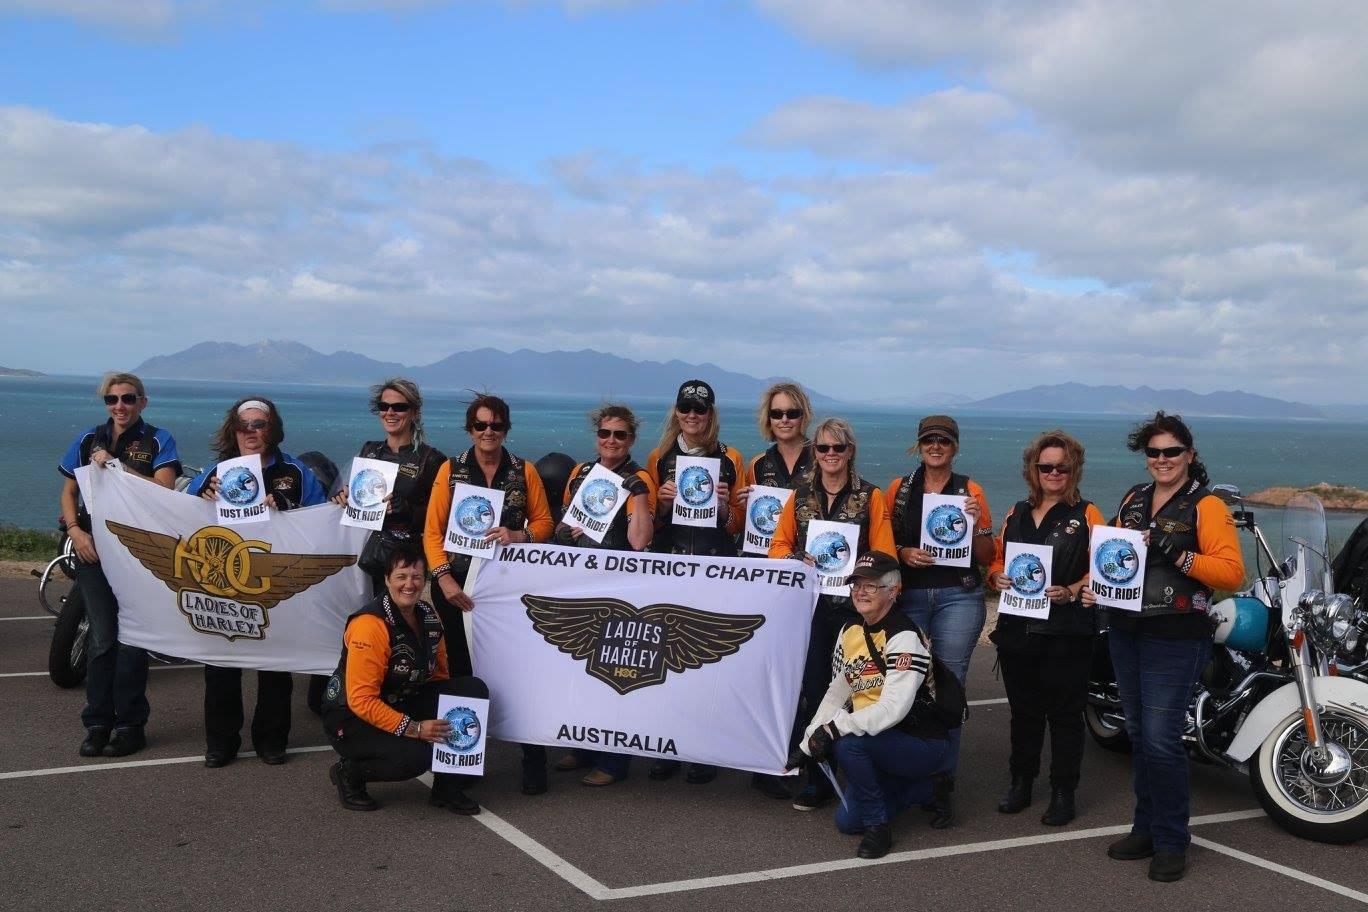 2017 IFRD- Queensland Australia